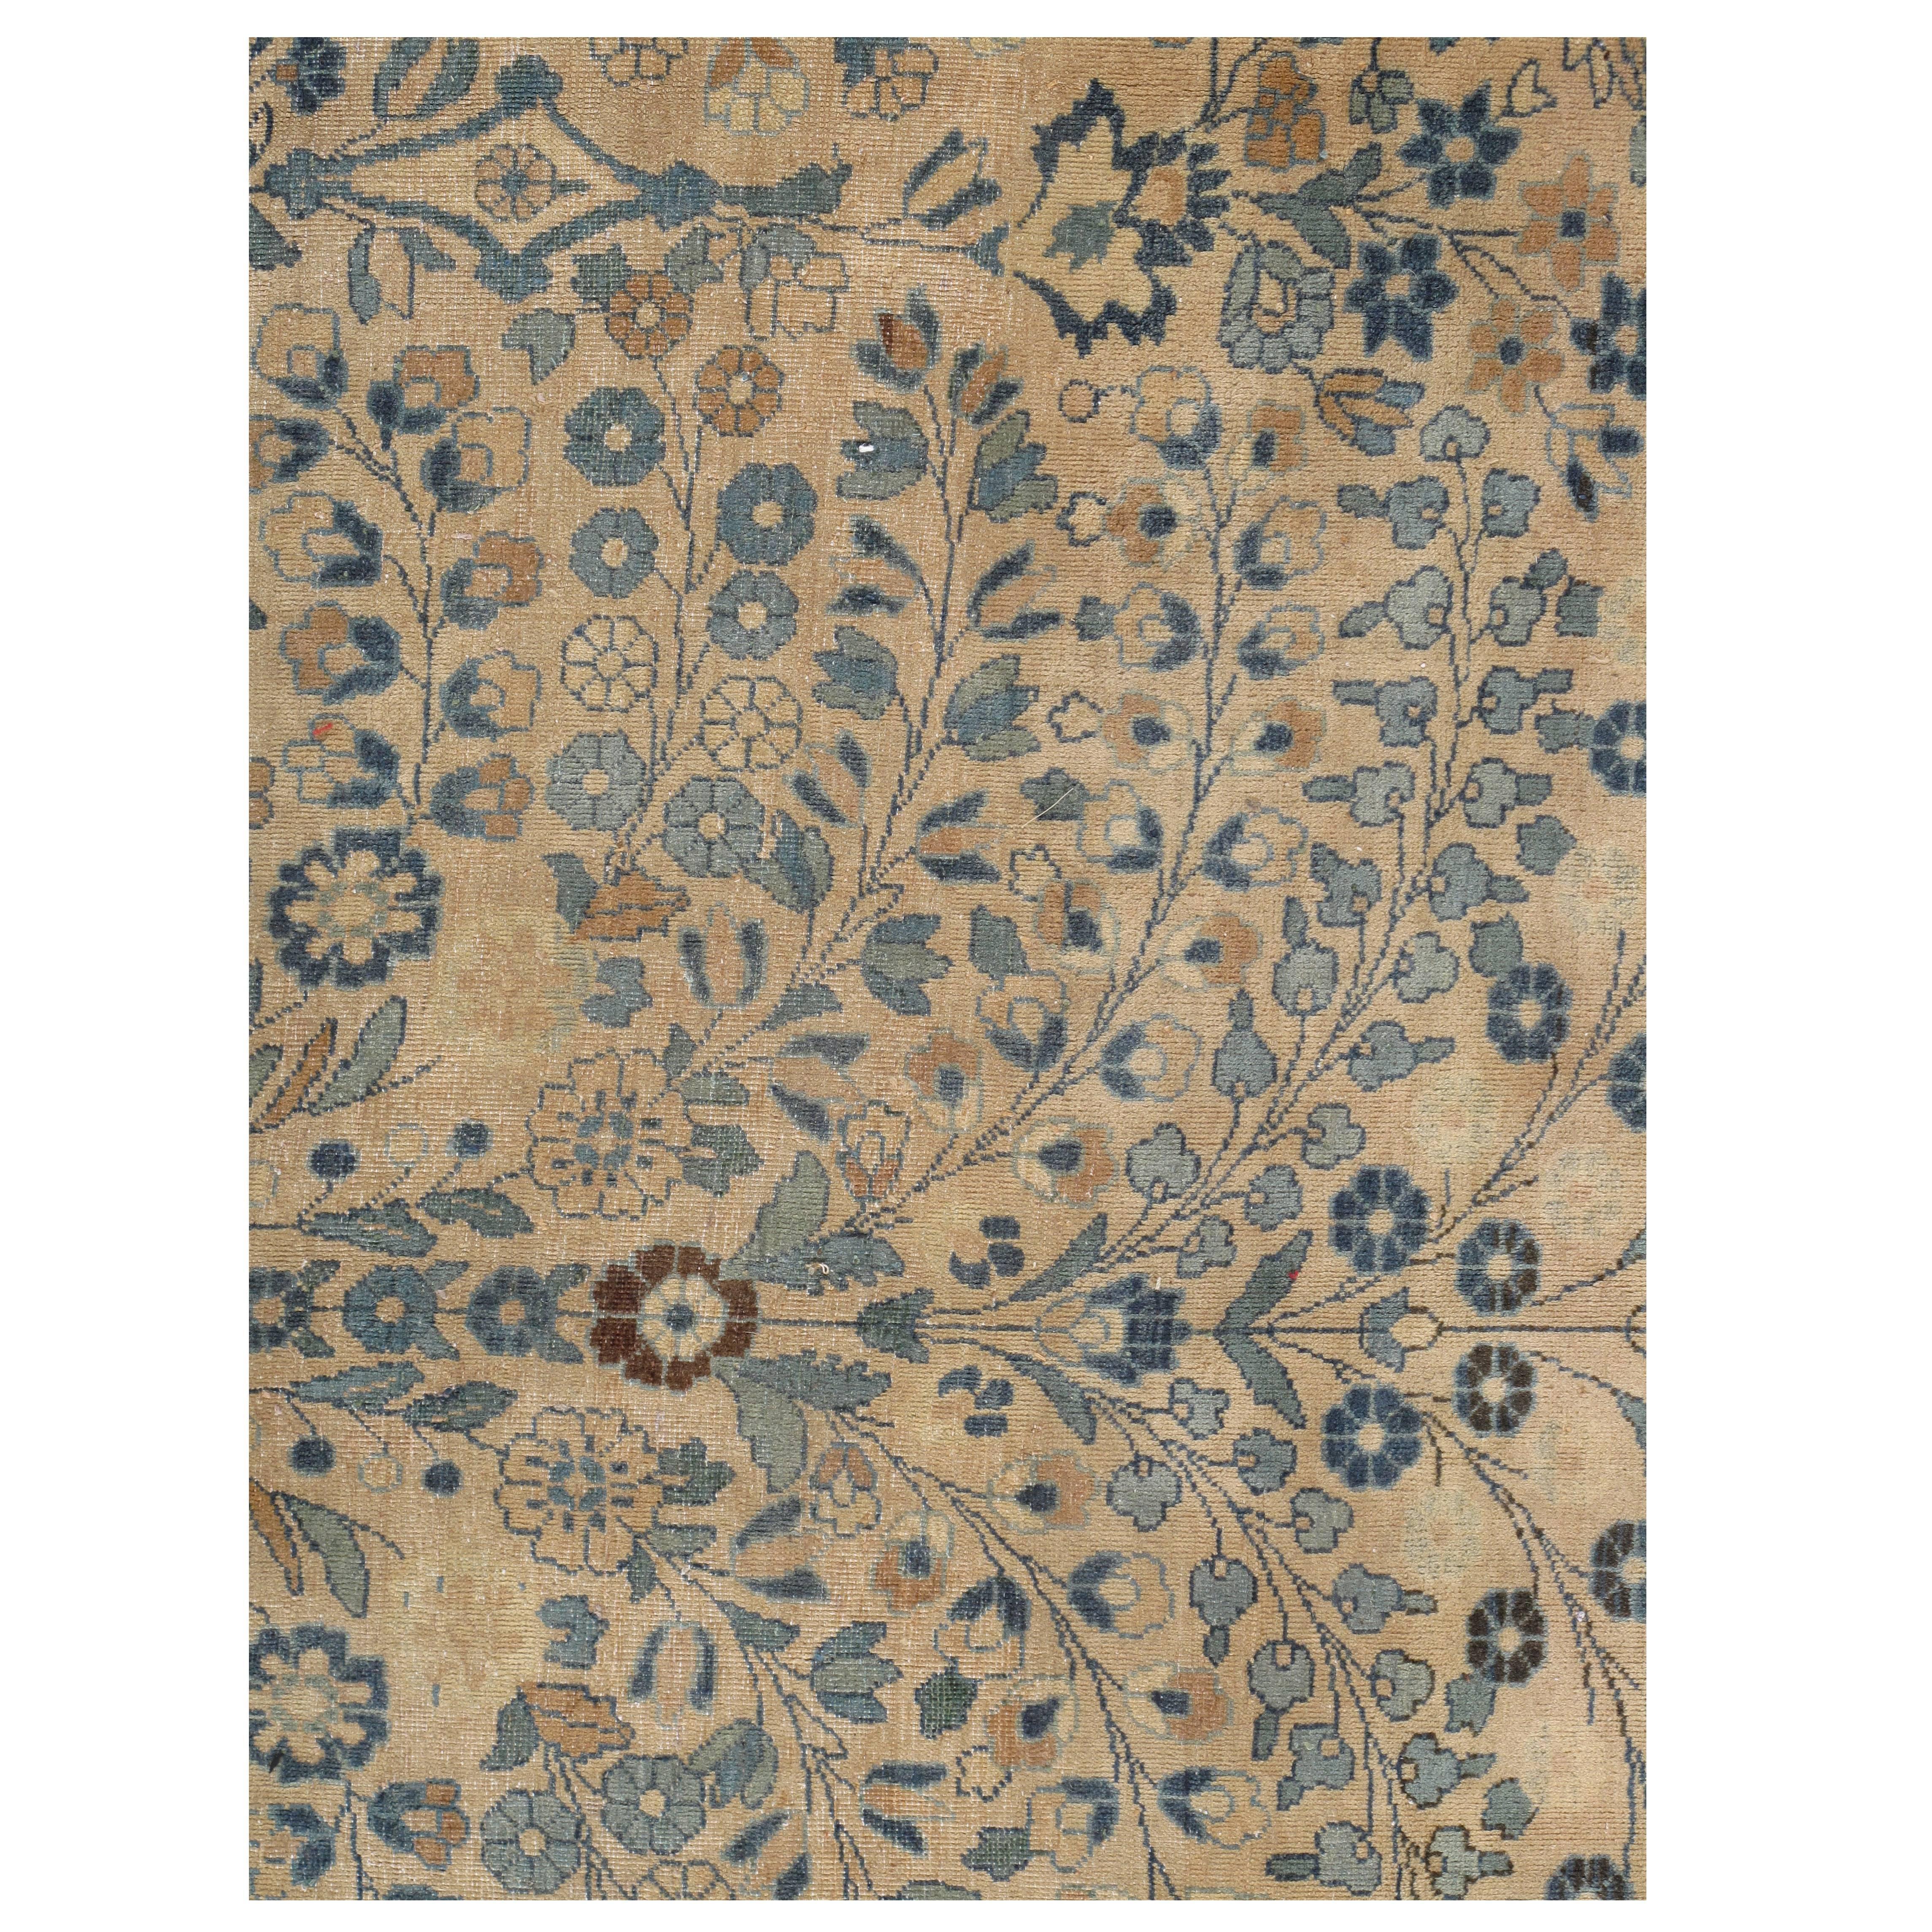 Antique Mashad Persian Carpet